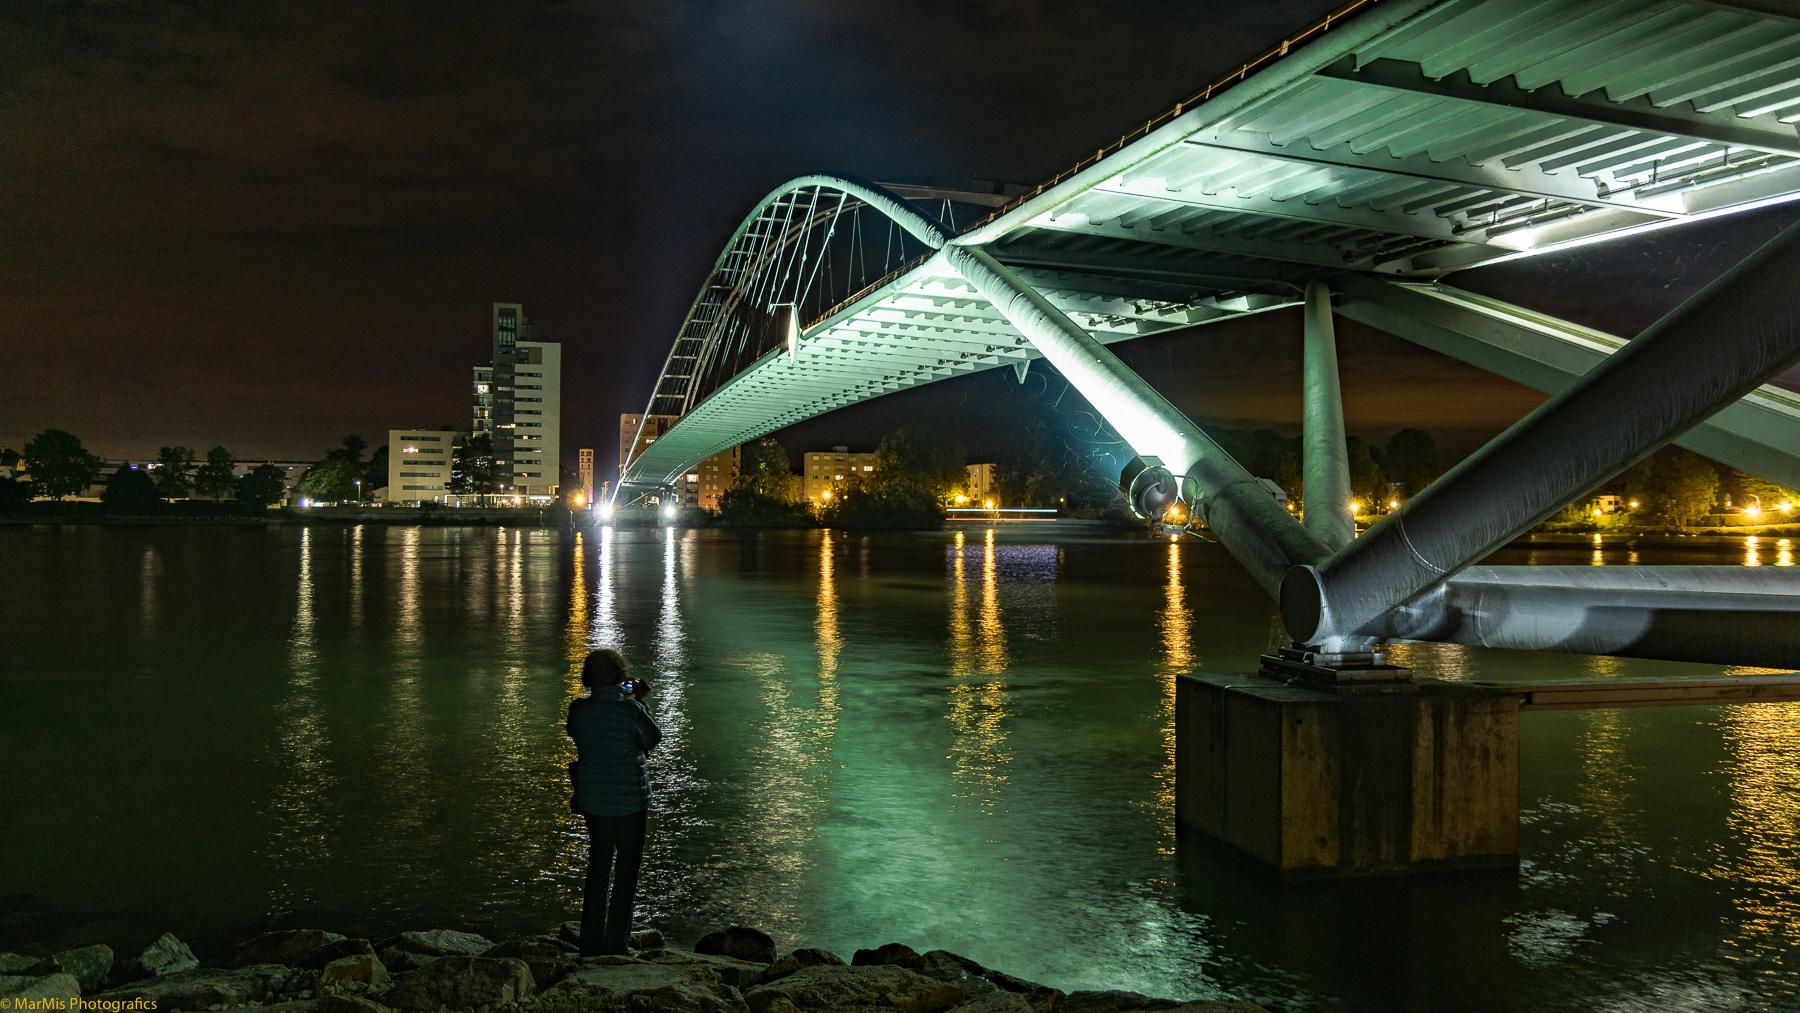 Dreiländerbrücke Weil am Rhein - F-Huningue, die Dame im Bild kenne ich nicht, die stellte sich während meiner Aufnahmen mehrfach bei mir ins Bild.